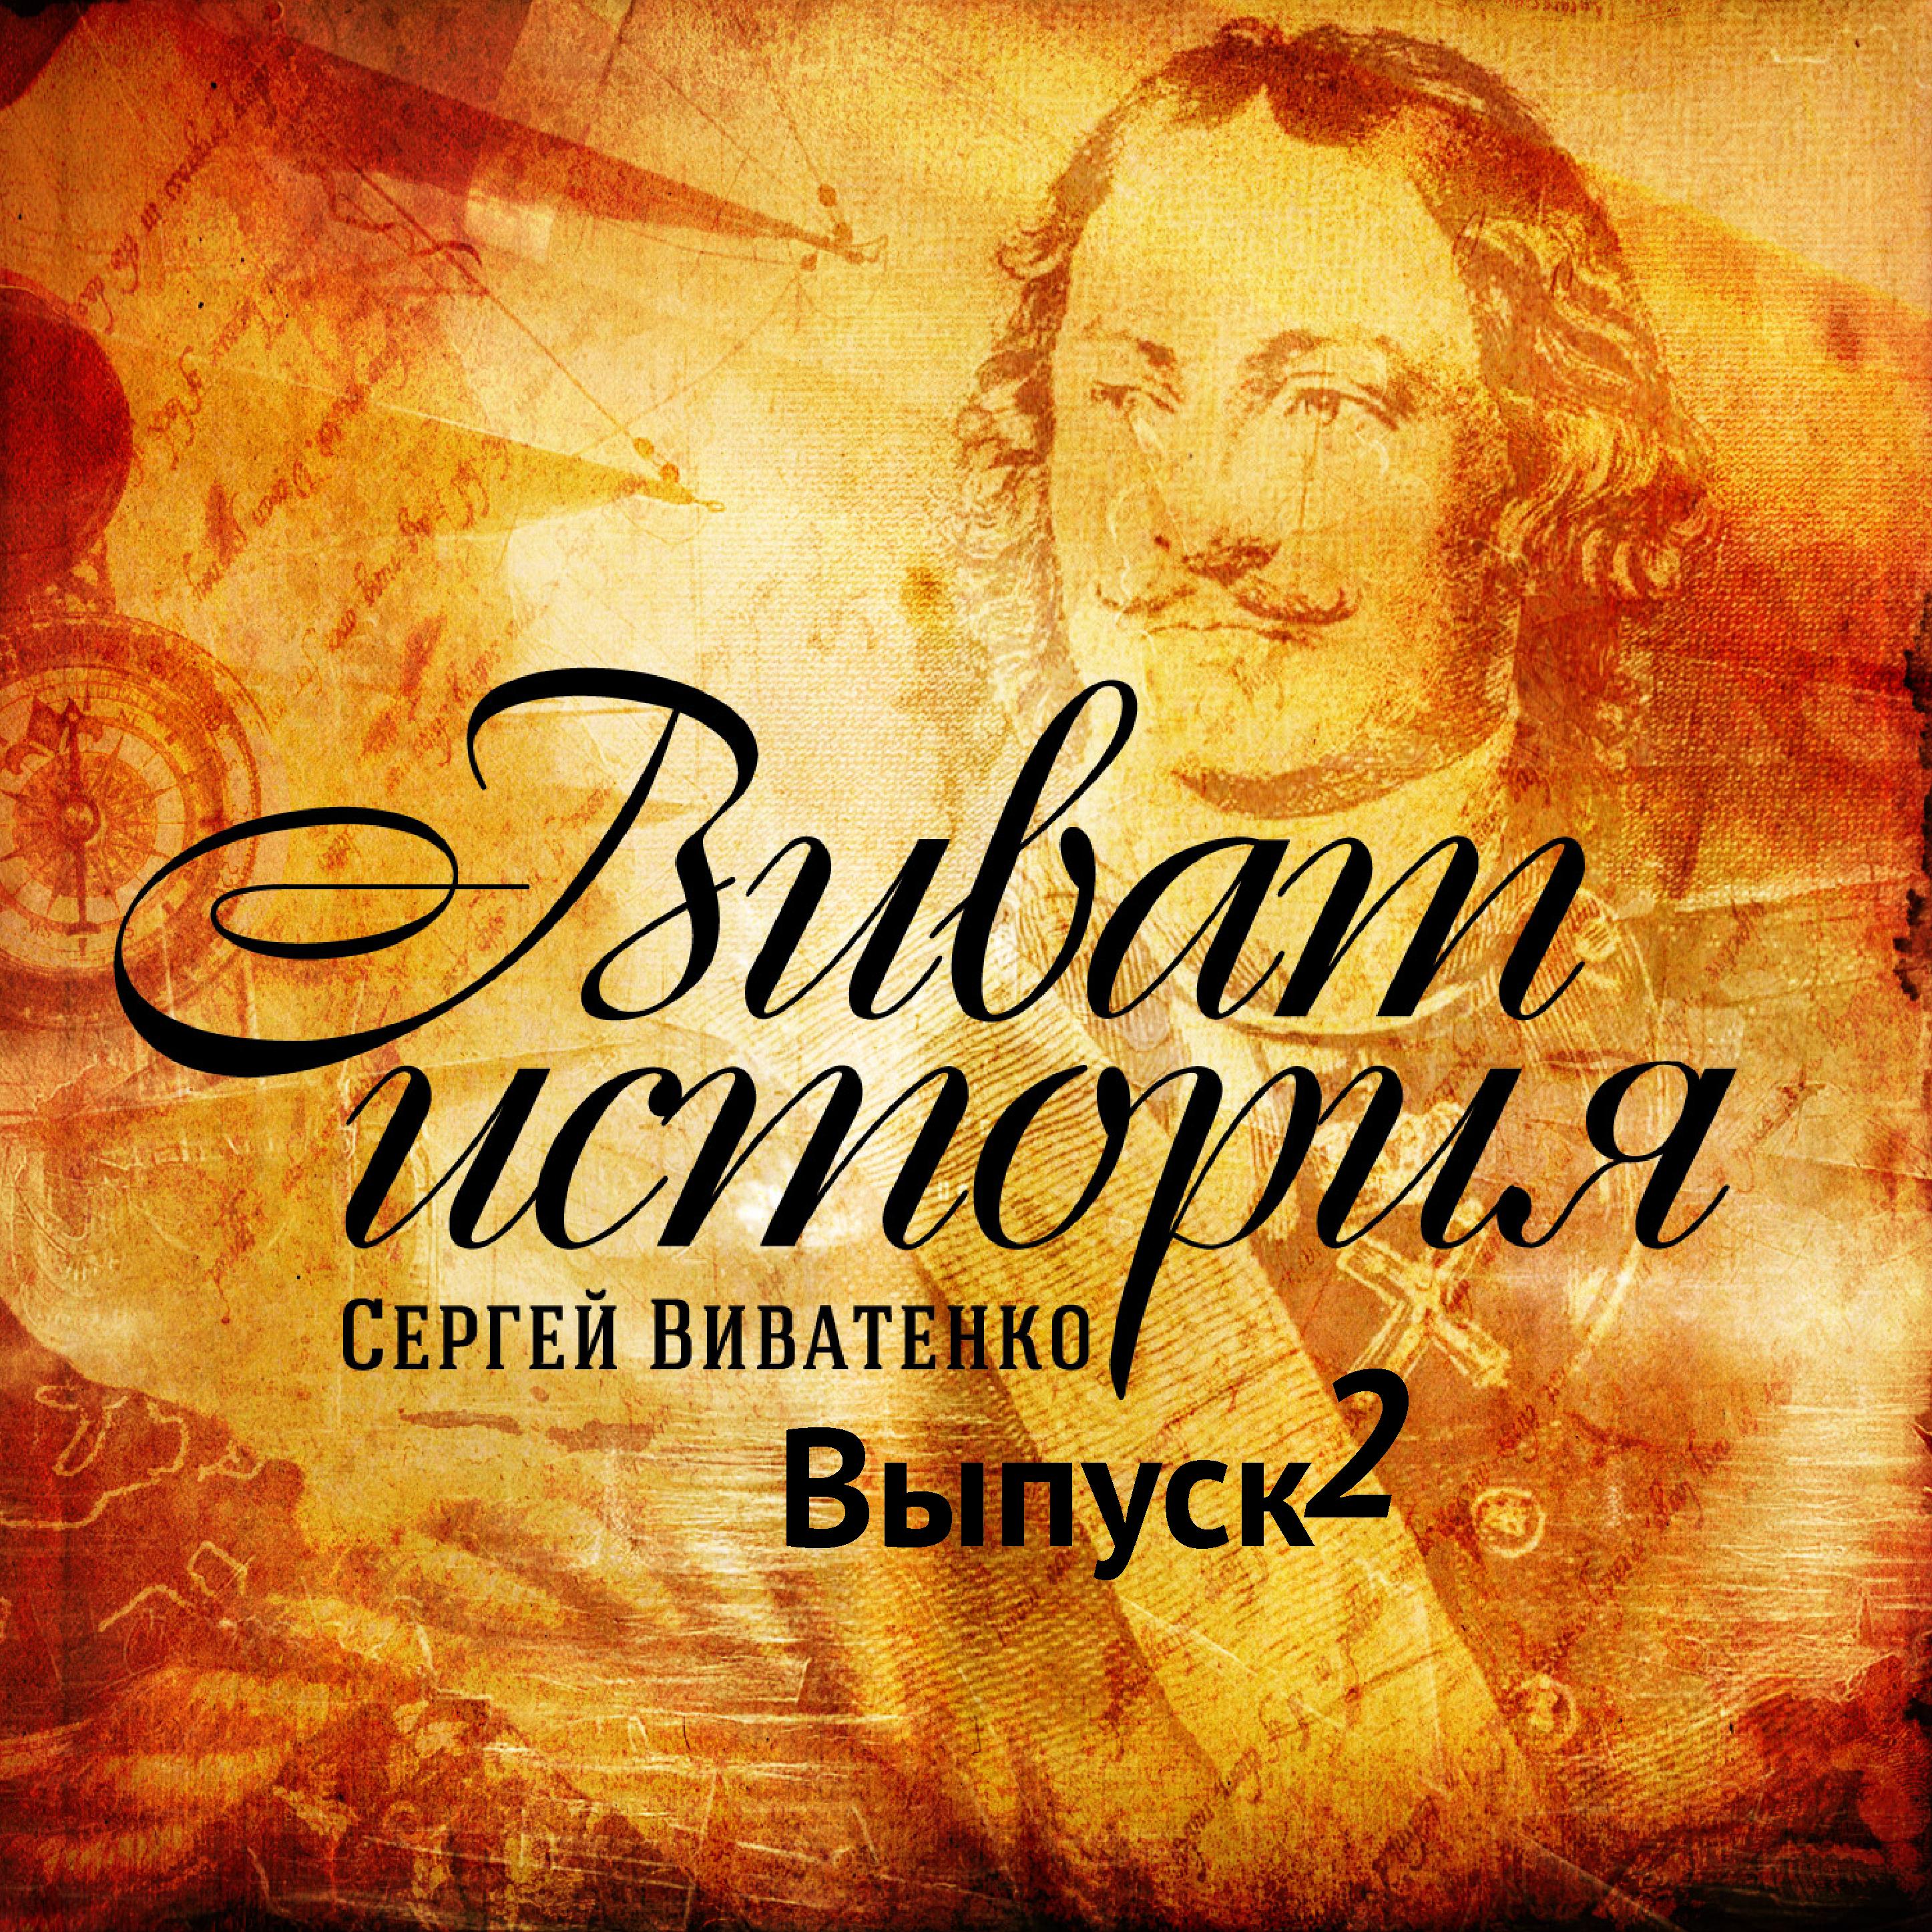 Жизнь российских крестьян доипосле реформы 1861 года